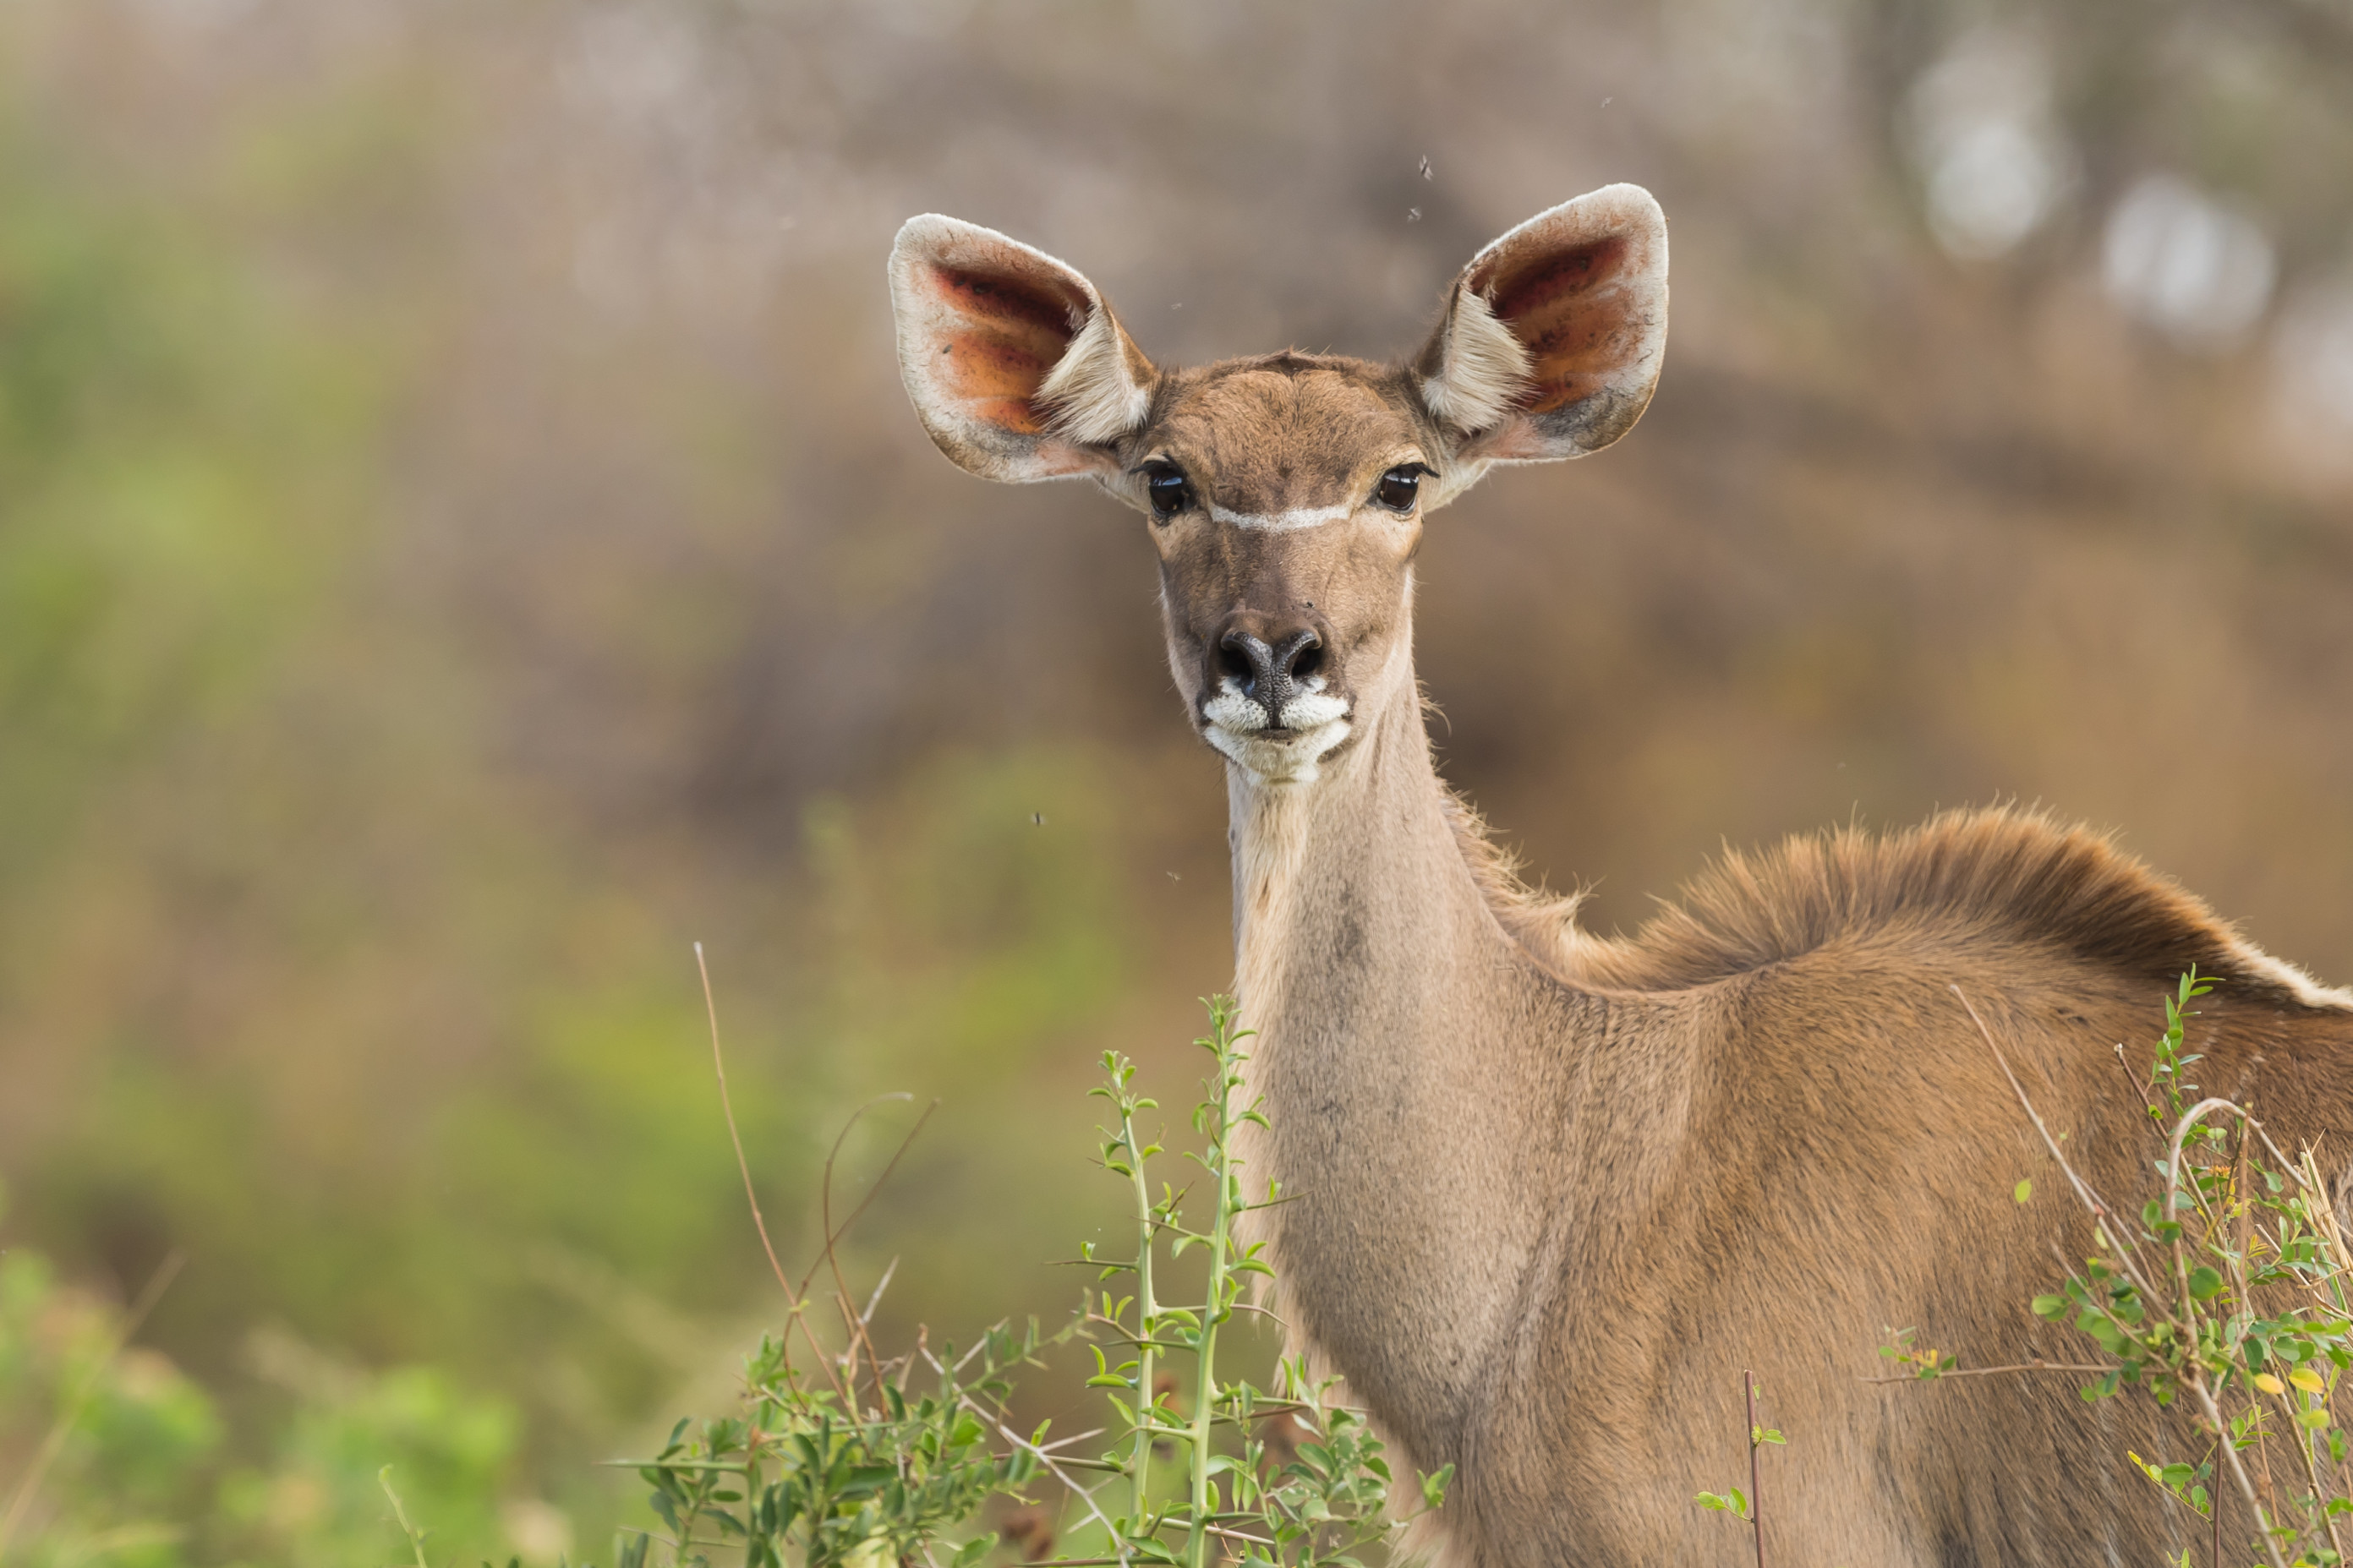 wildlife zimanga 8604